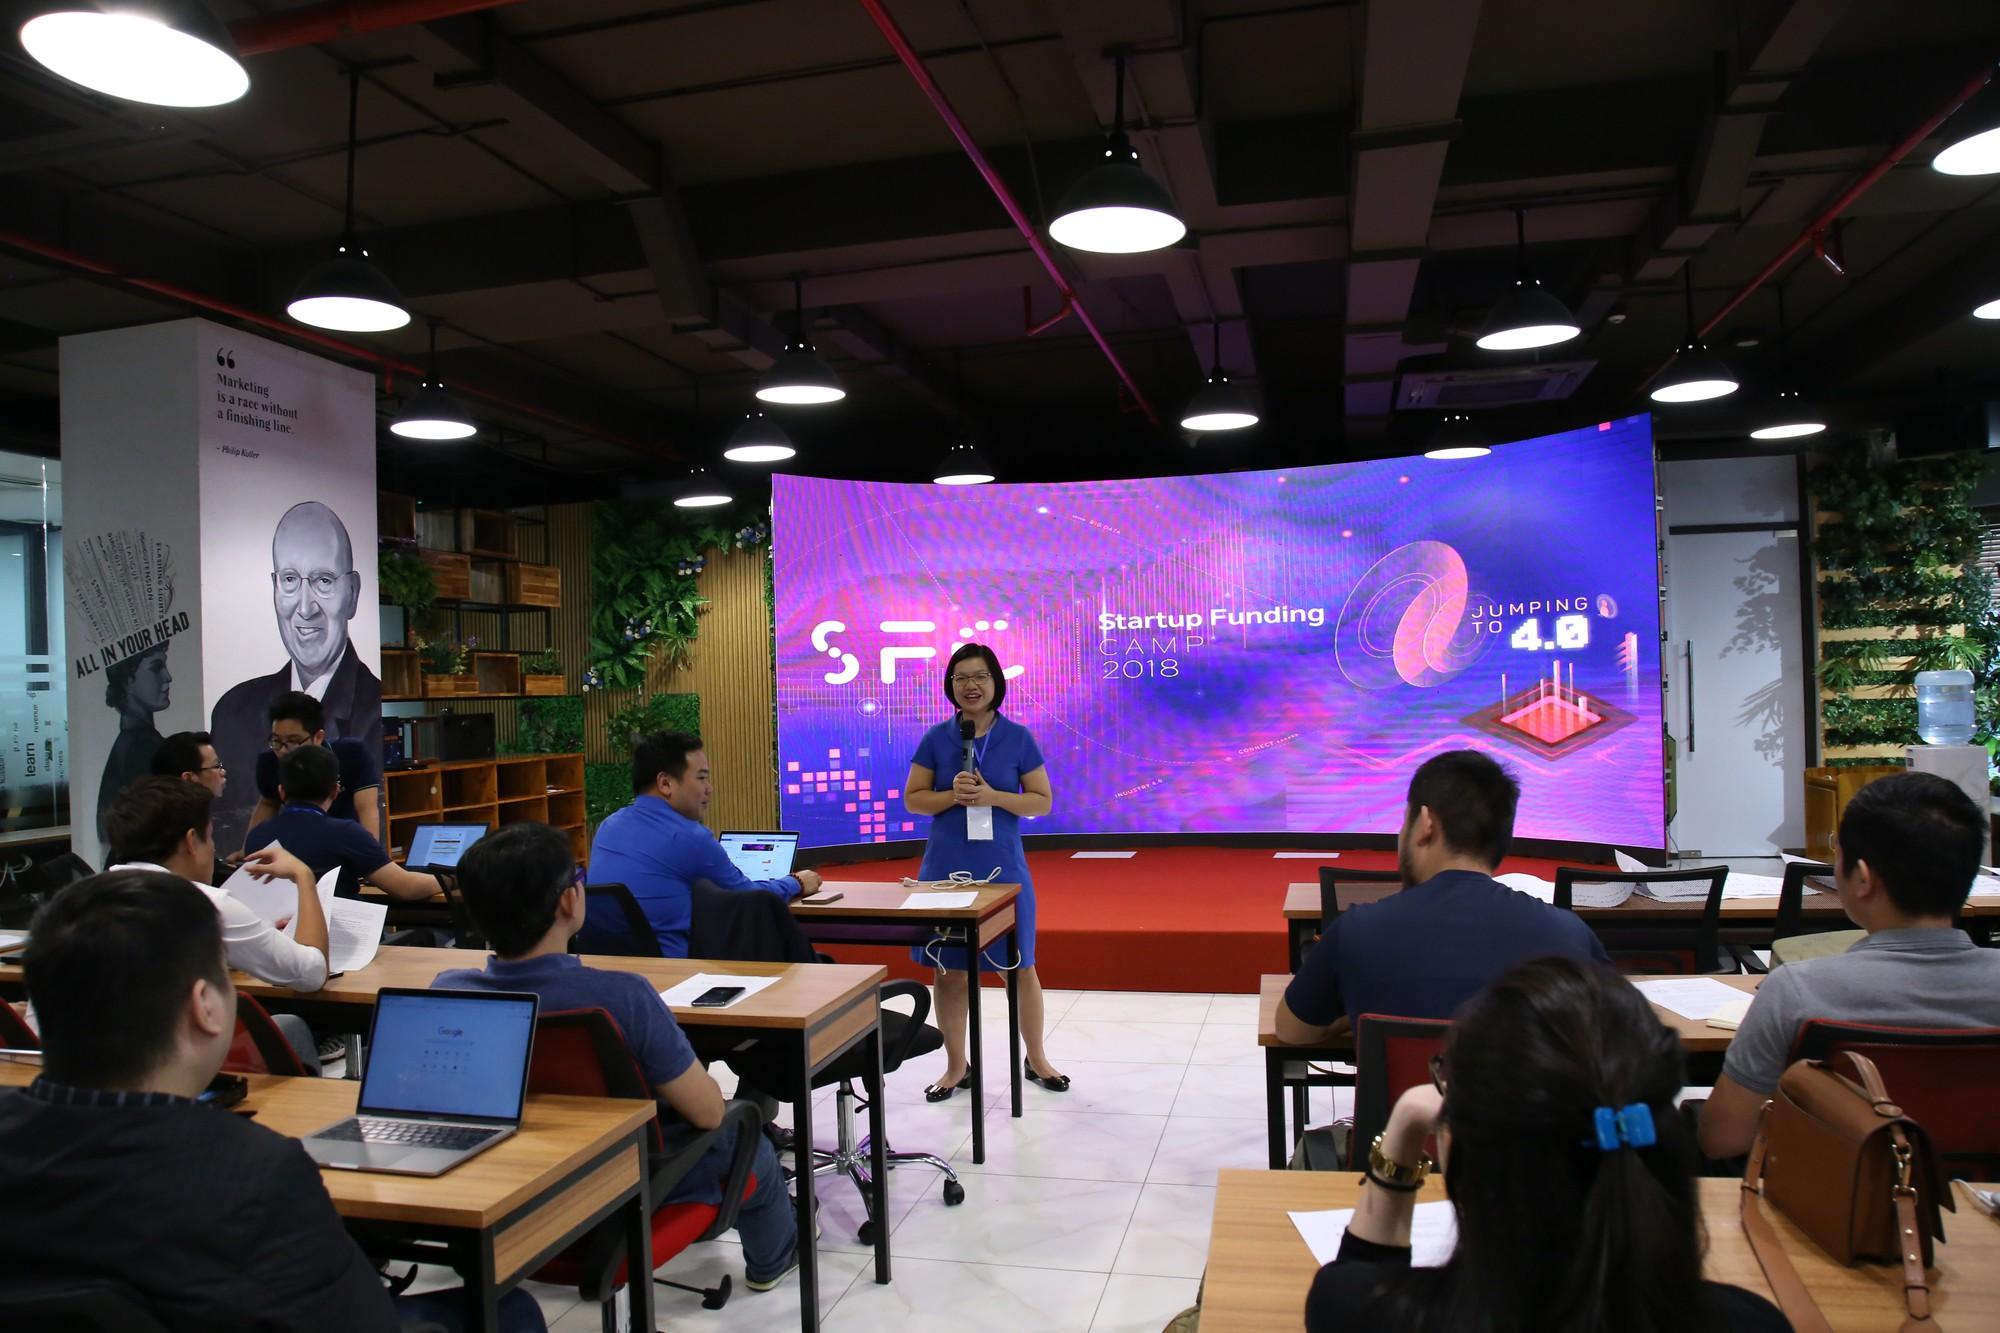 Hé lộ top 16 startup lọt vào vòng 2 chương trình gọi vốn quốc gia SFC 2018 - Ảnh 1.